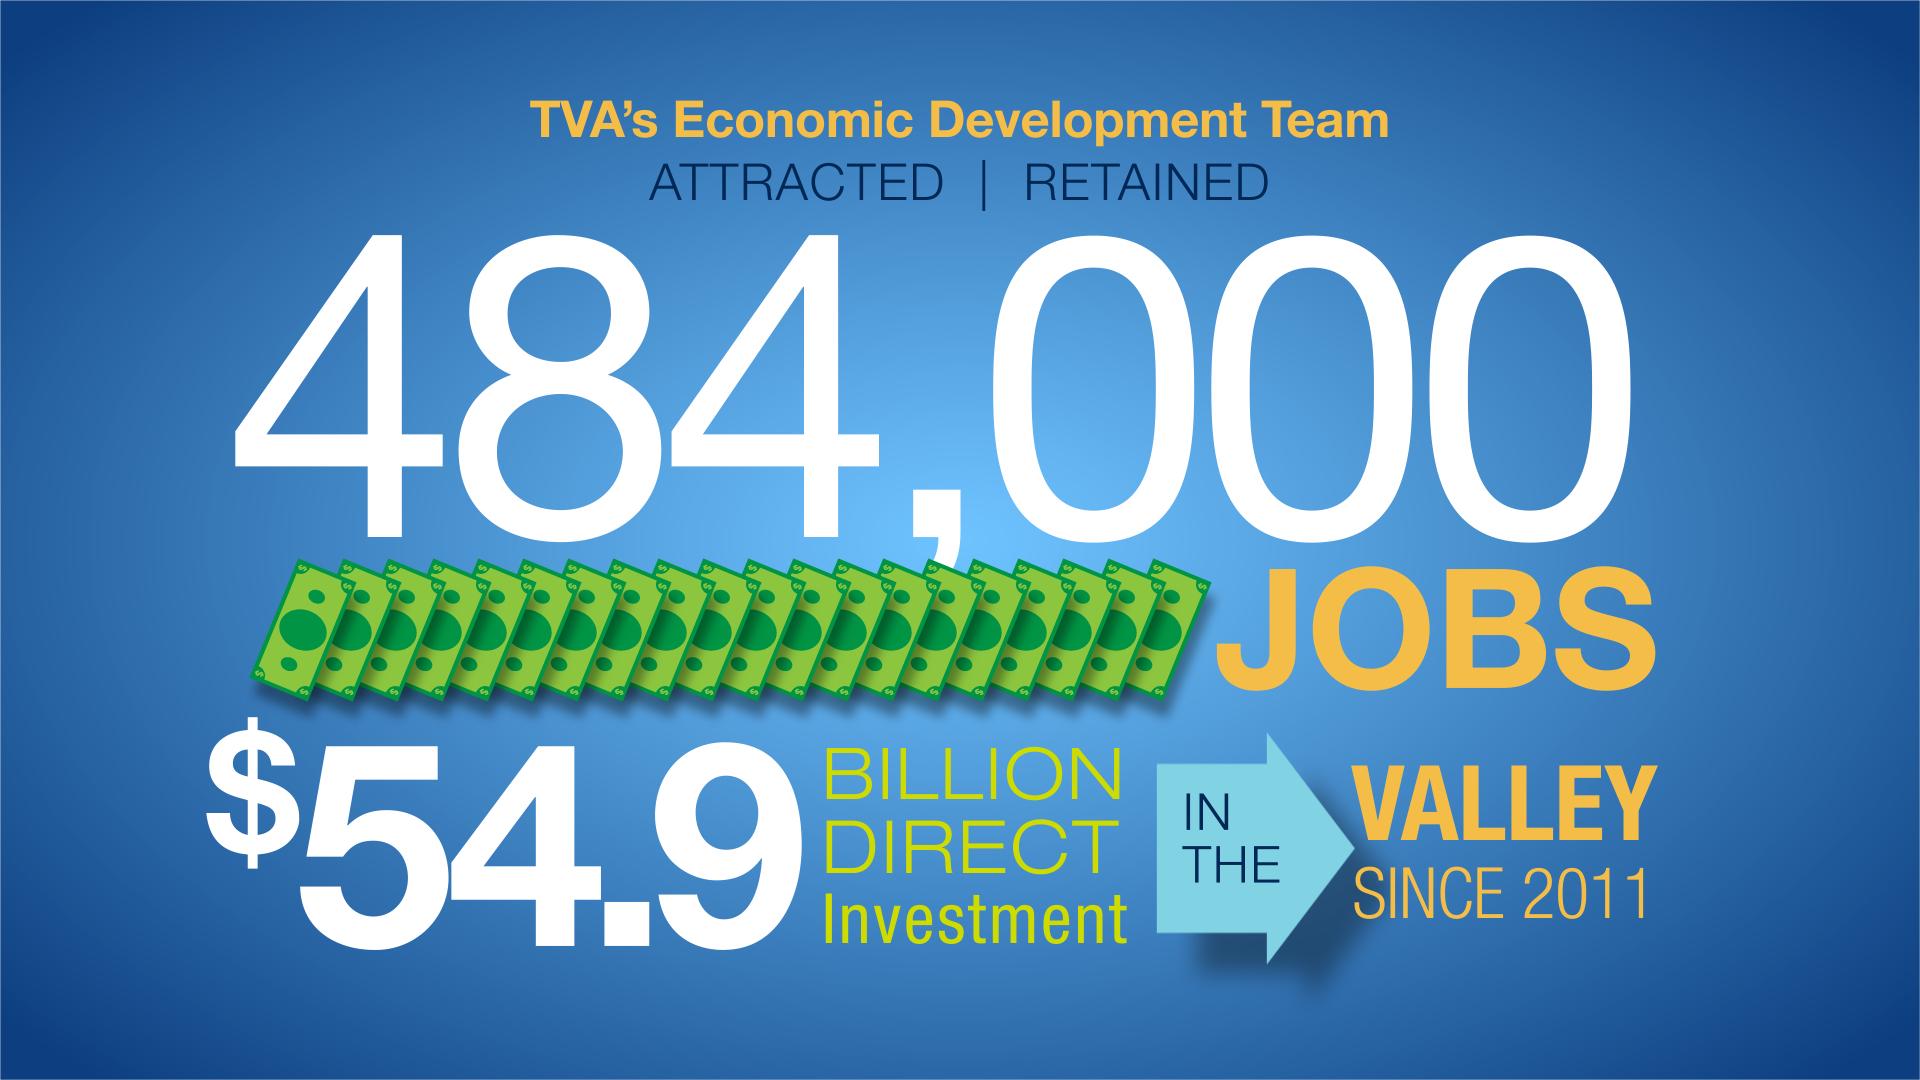 jobs factoid